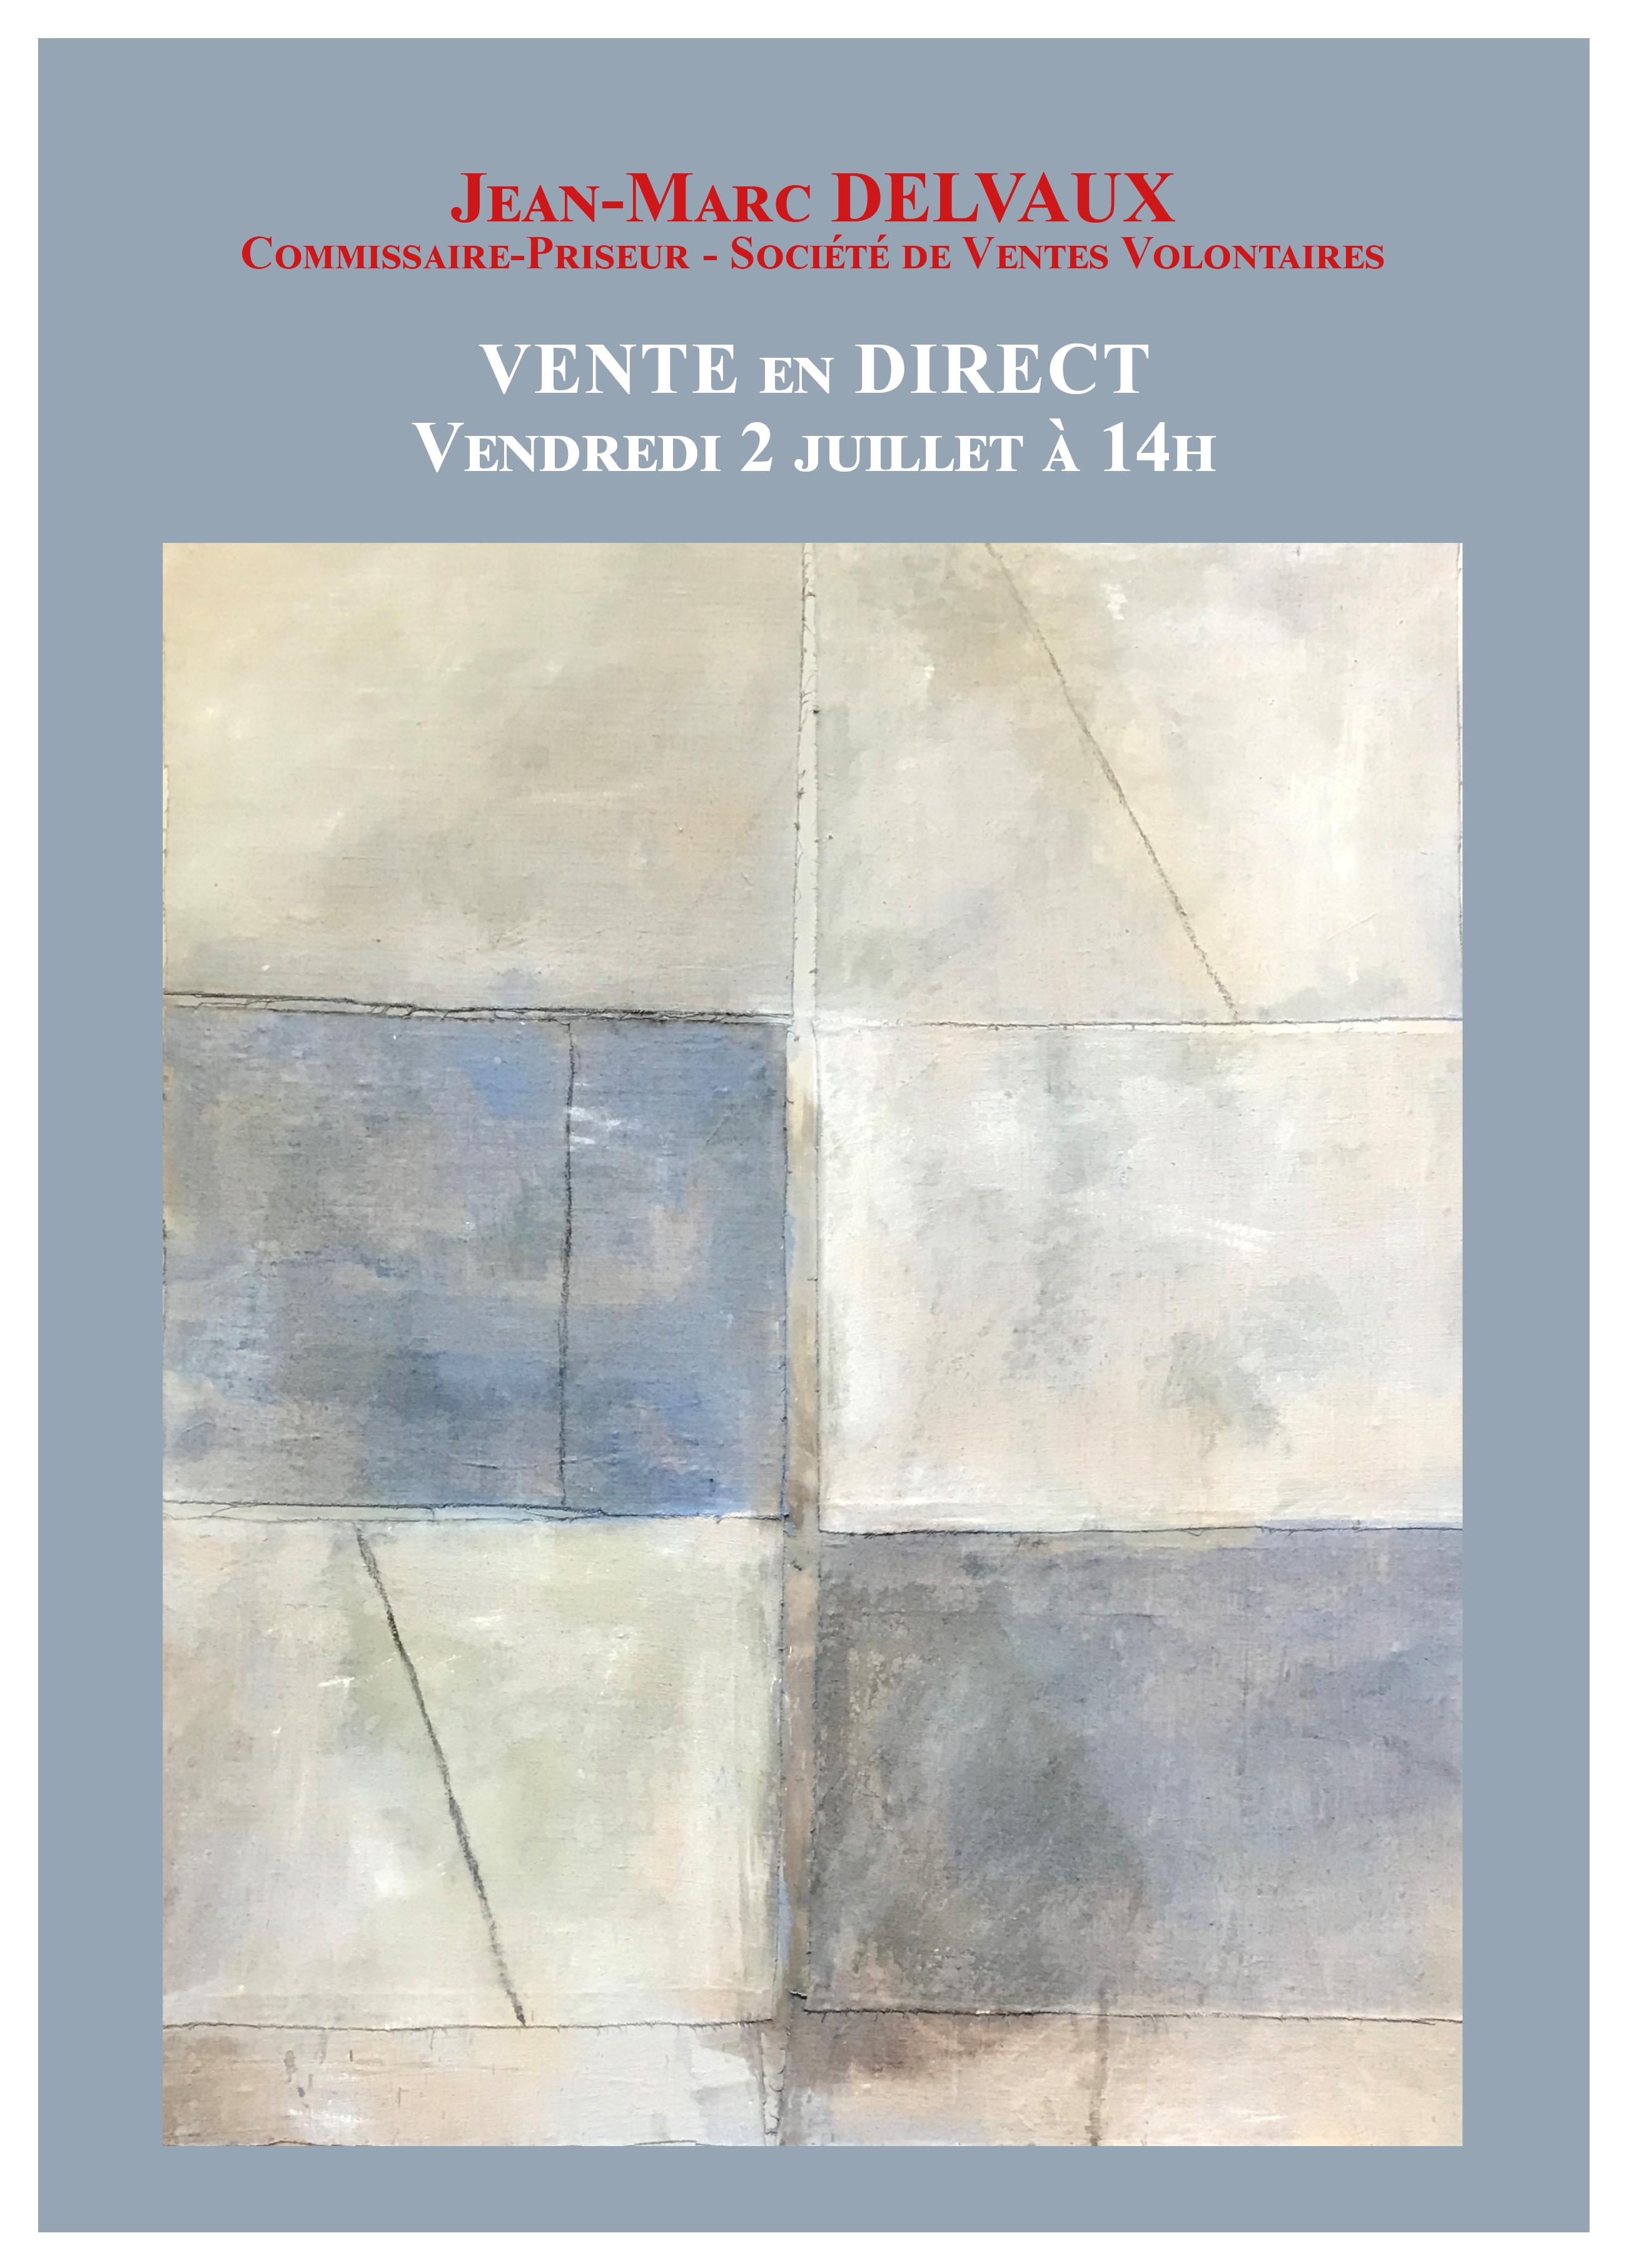 Vente Livres - Tableaux - Meubles - Objets d'Art - Arts de la Table chez Jean-Marc Delvaux : 337 lots